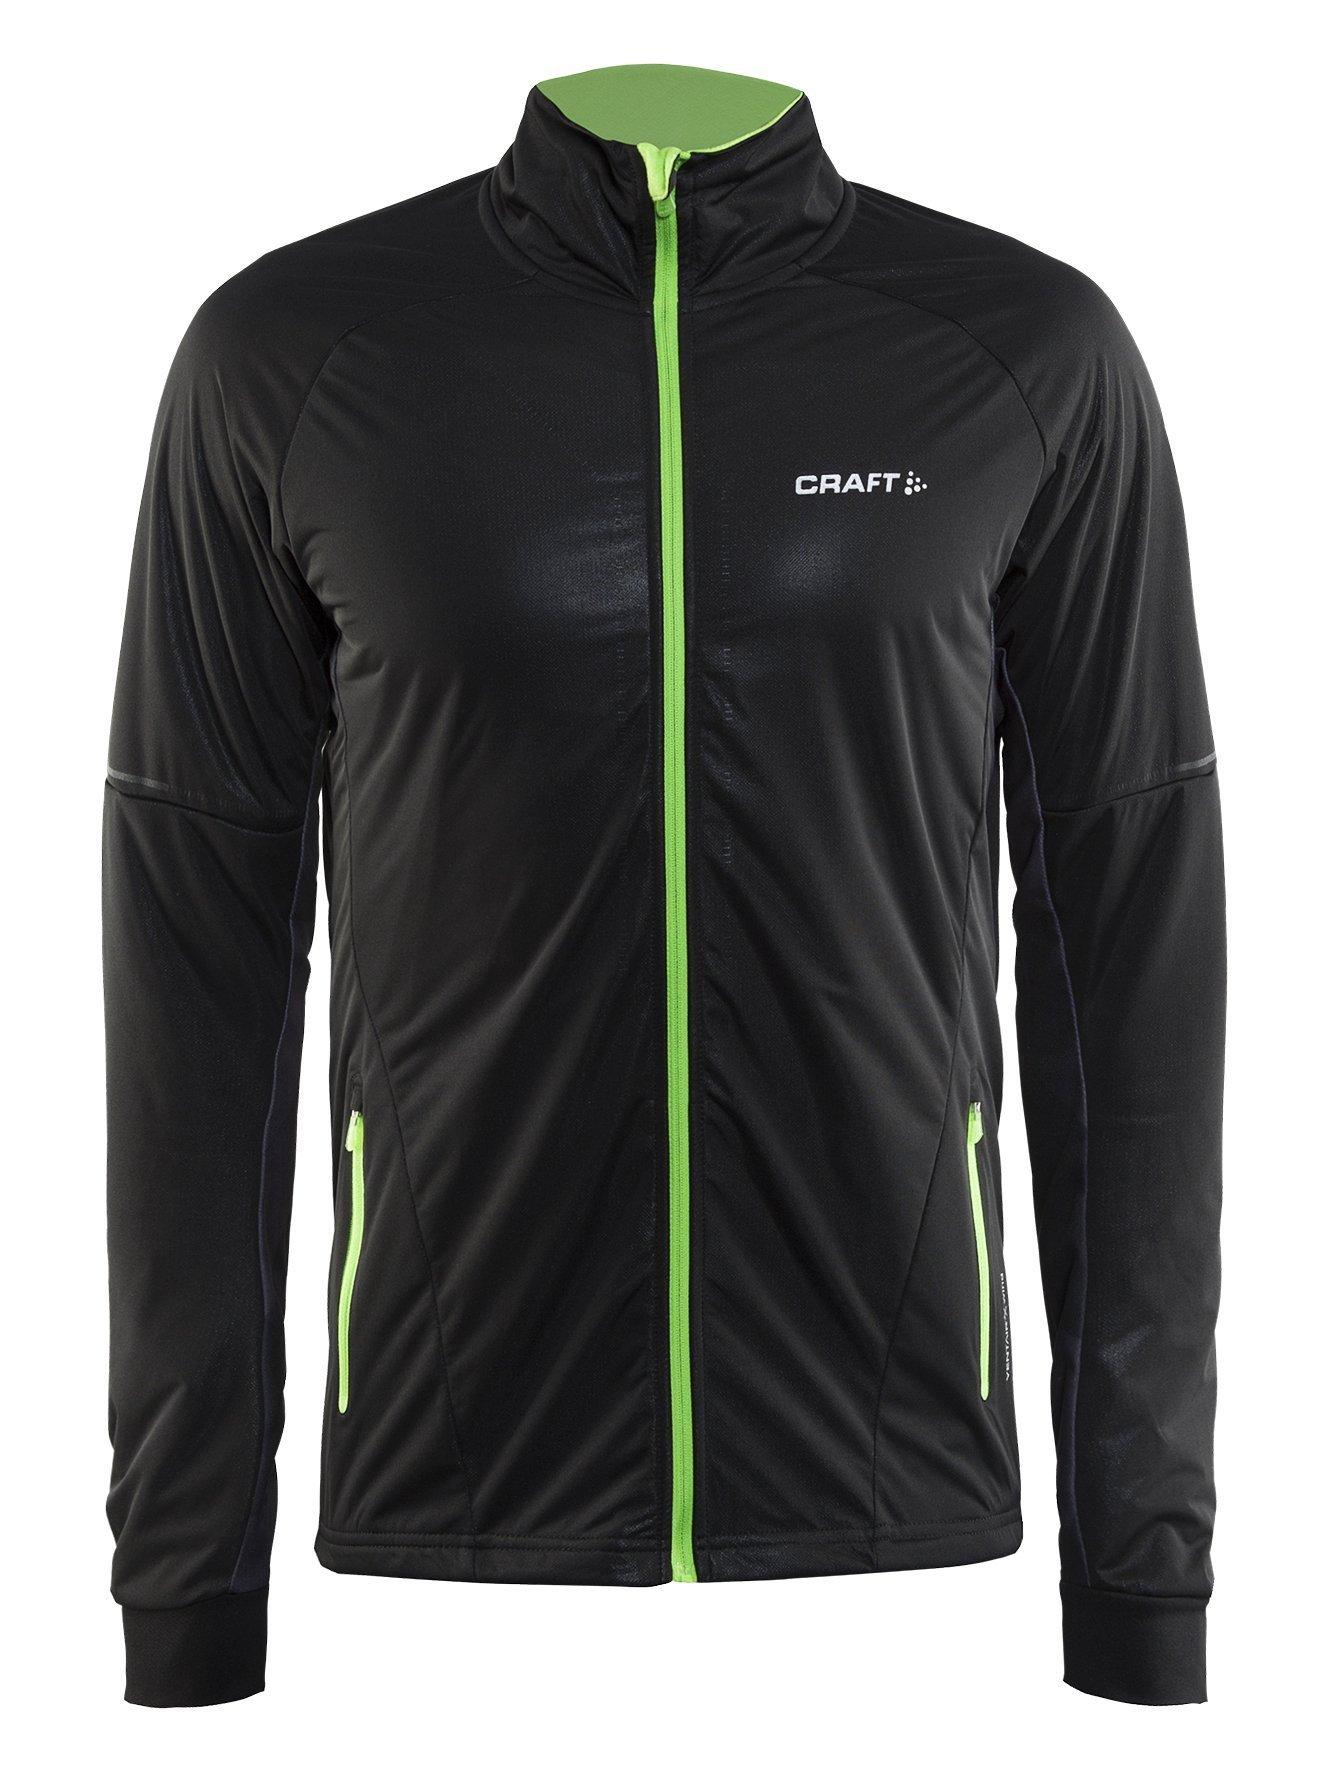 Мужская лыжная куртка Craft Storm 2.0 1904258-9091 черна